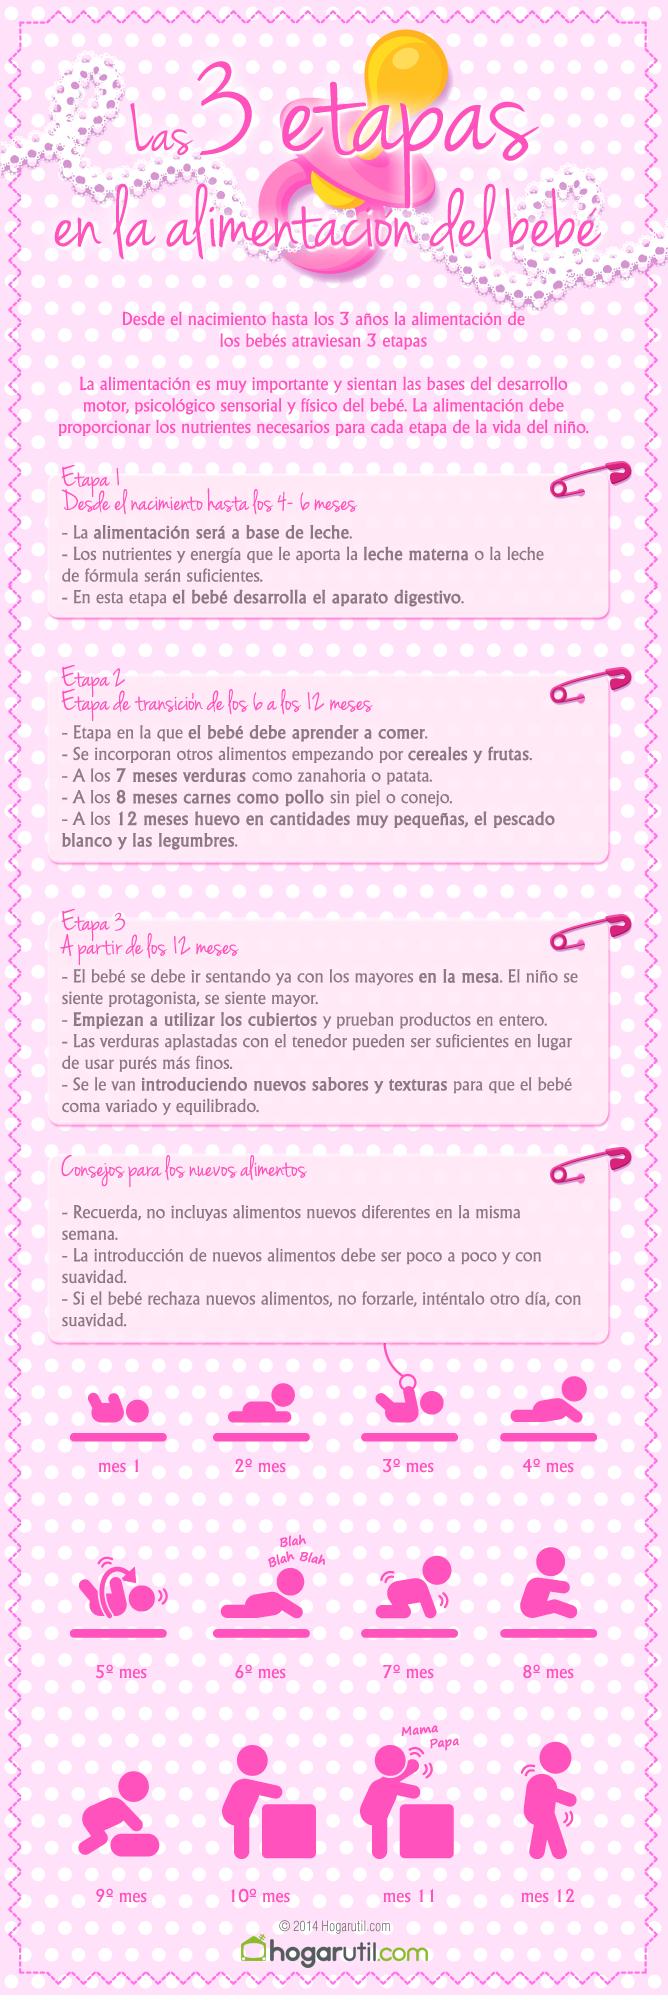 Infografía con las 3 etapas en la alimentación del bebé